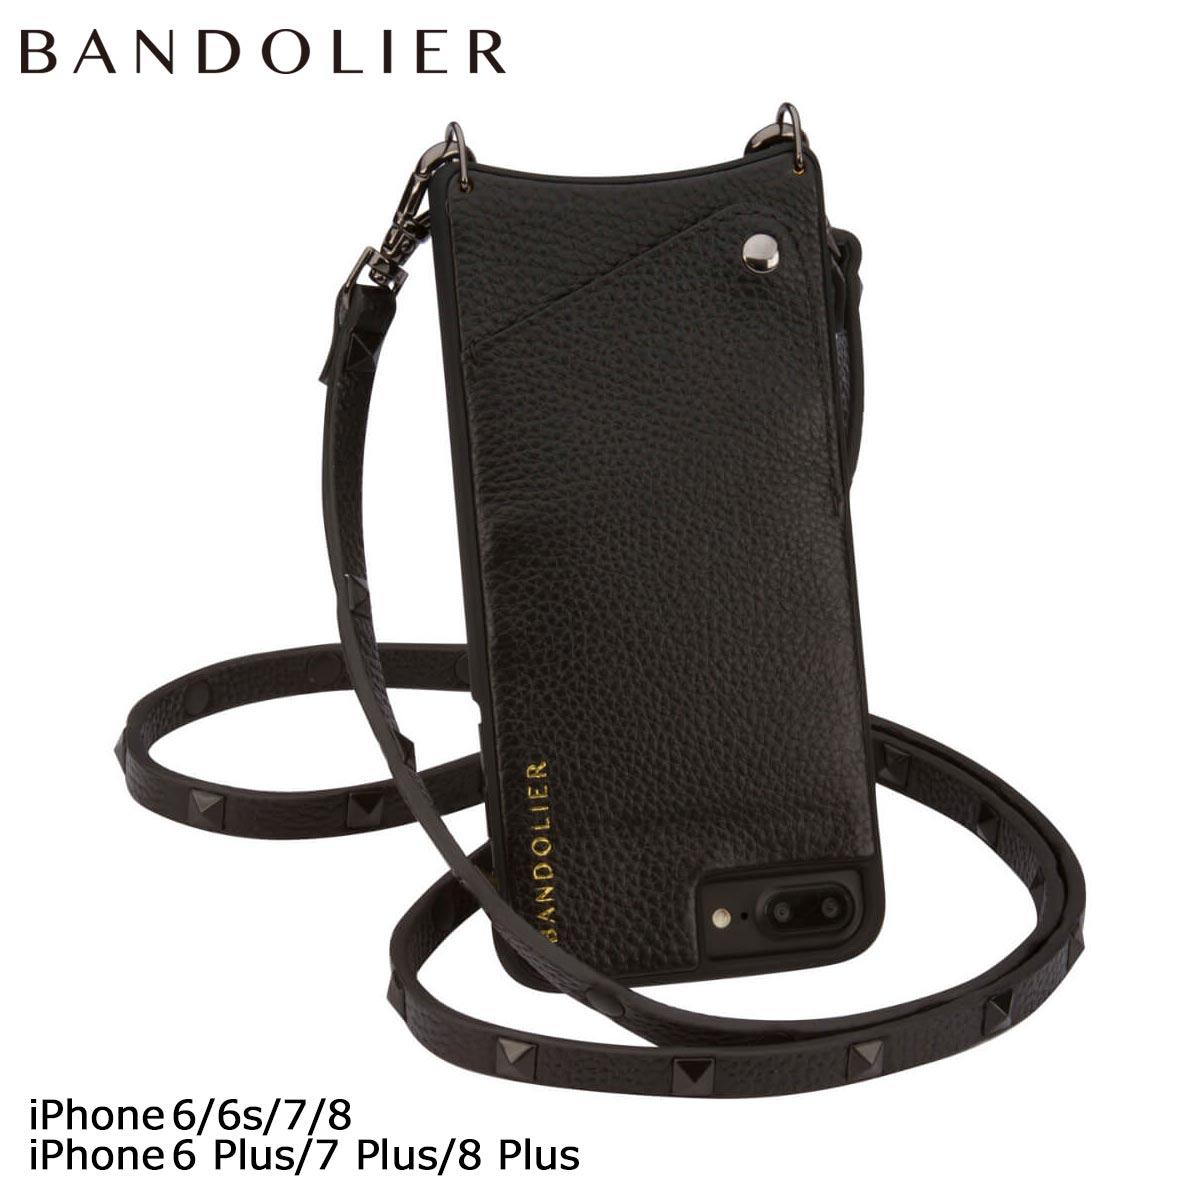 BANDOLIER SARAH バンドリヤー iPhone8 iPhone7 7Plus 6s ケース スマホ アイフォン プラス レザー スタッズ メンズ レディース [7/30 再入荷]